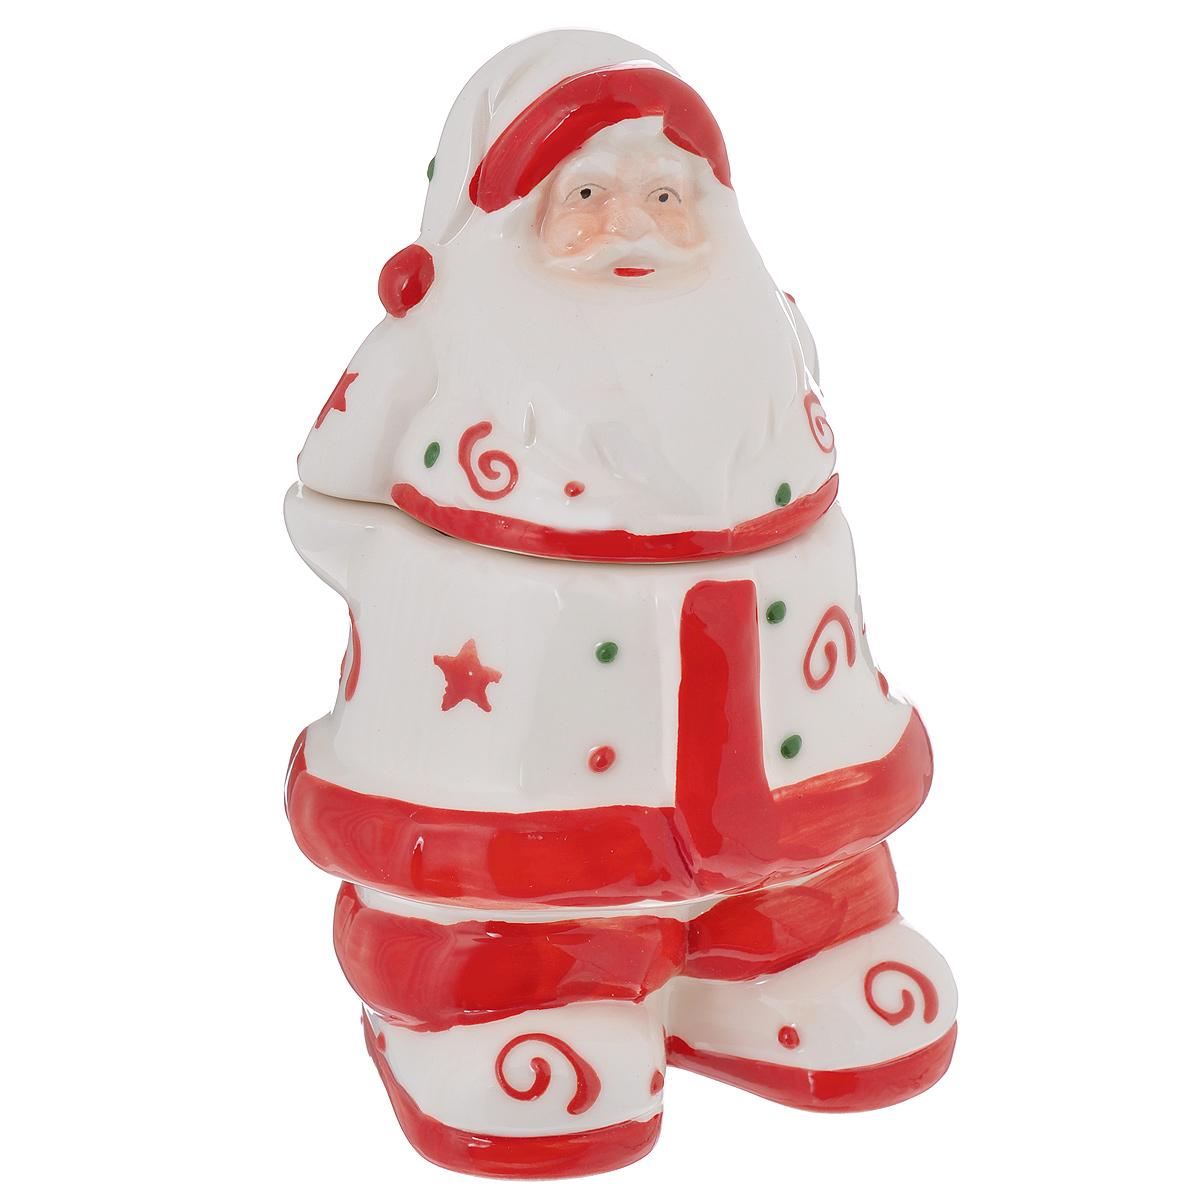 Конфетница Lillo Дед Мороз, 9 см х 7 см х 14 смYM 121159-4C/DКонфетница Lillo Дед Мороз изготовлена из высококачественной керамики и выполнена в форме Деда Мороза. Изделие снабжено крышкой и прекрасно подходит для хранения и сервировки конфет. Конфетница Lillo Дед Мороз станет отличным подарком к Новому году и порадует вас и ваших близких ярким дизайном. Остерегаться сильных ударов. Не применять абразивные чистящие вещества.